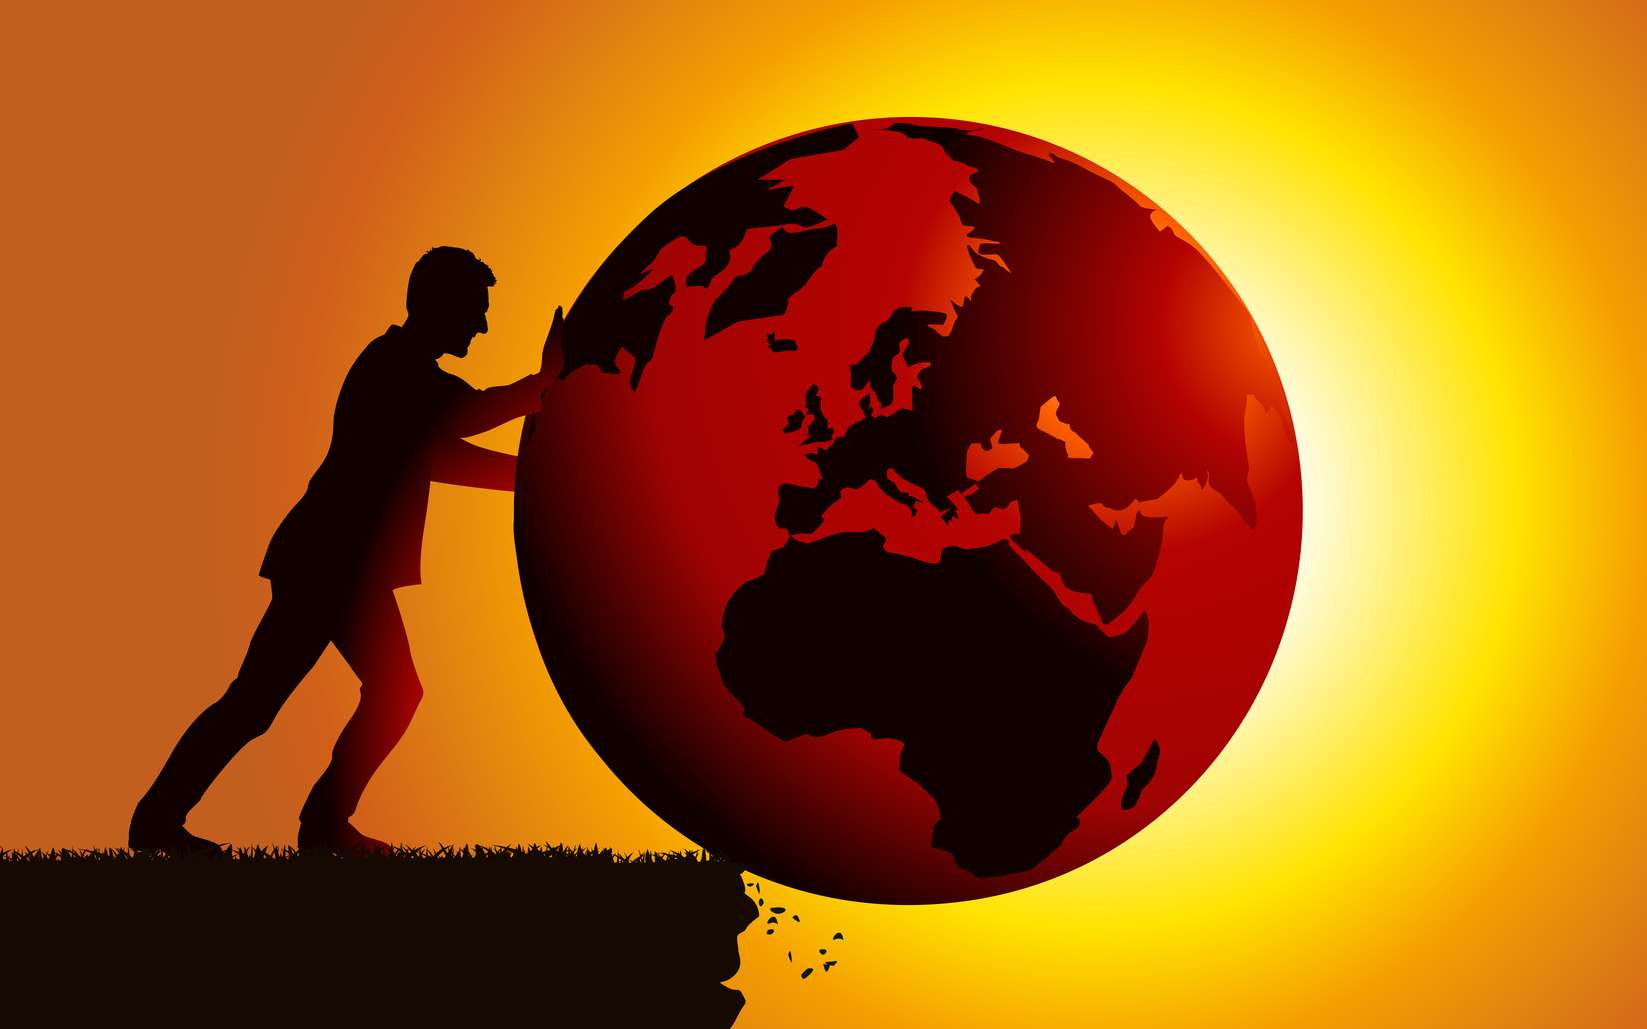 L'humanité est-elle sur le point de pousser le climat de la Terre dans un précipice avec le réchauffement climatique ? © pict rider, Fotolia